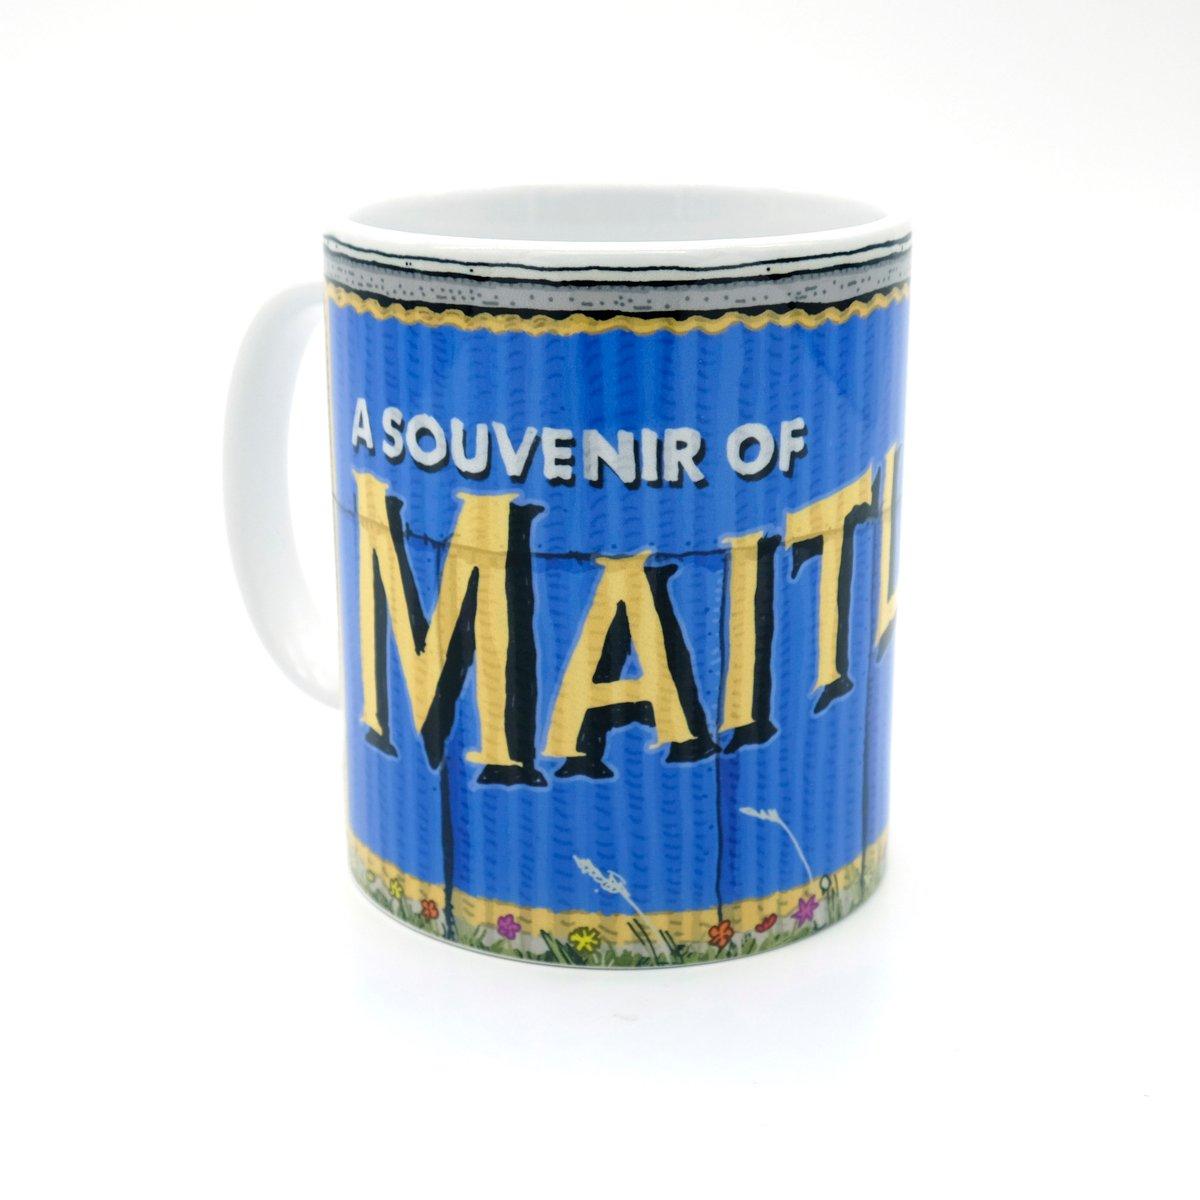 Image of Maitland tin shed mug